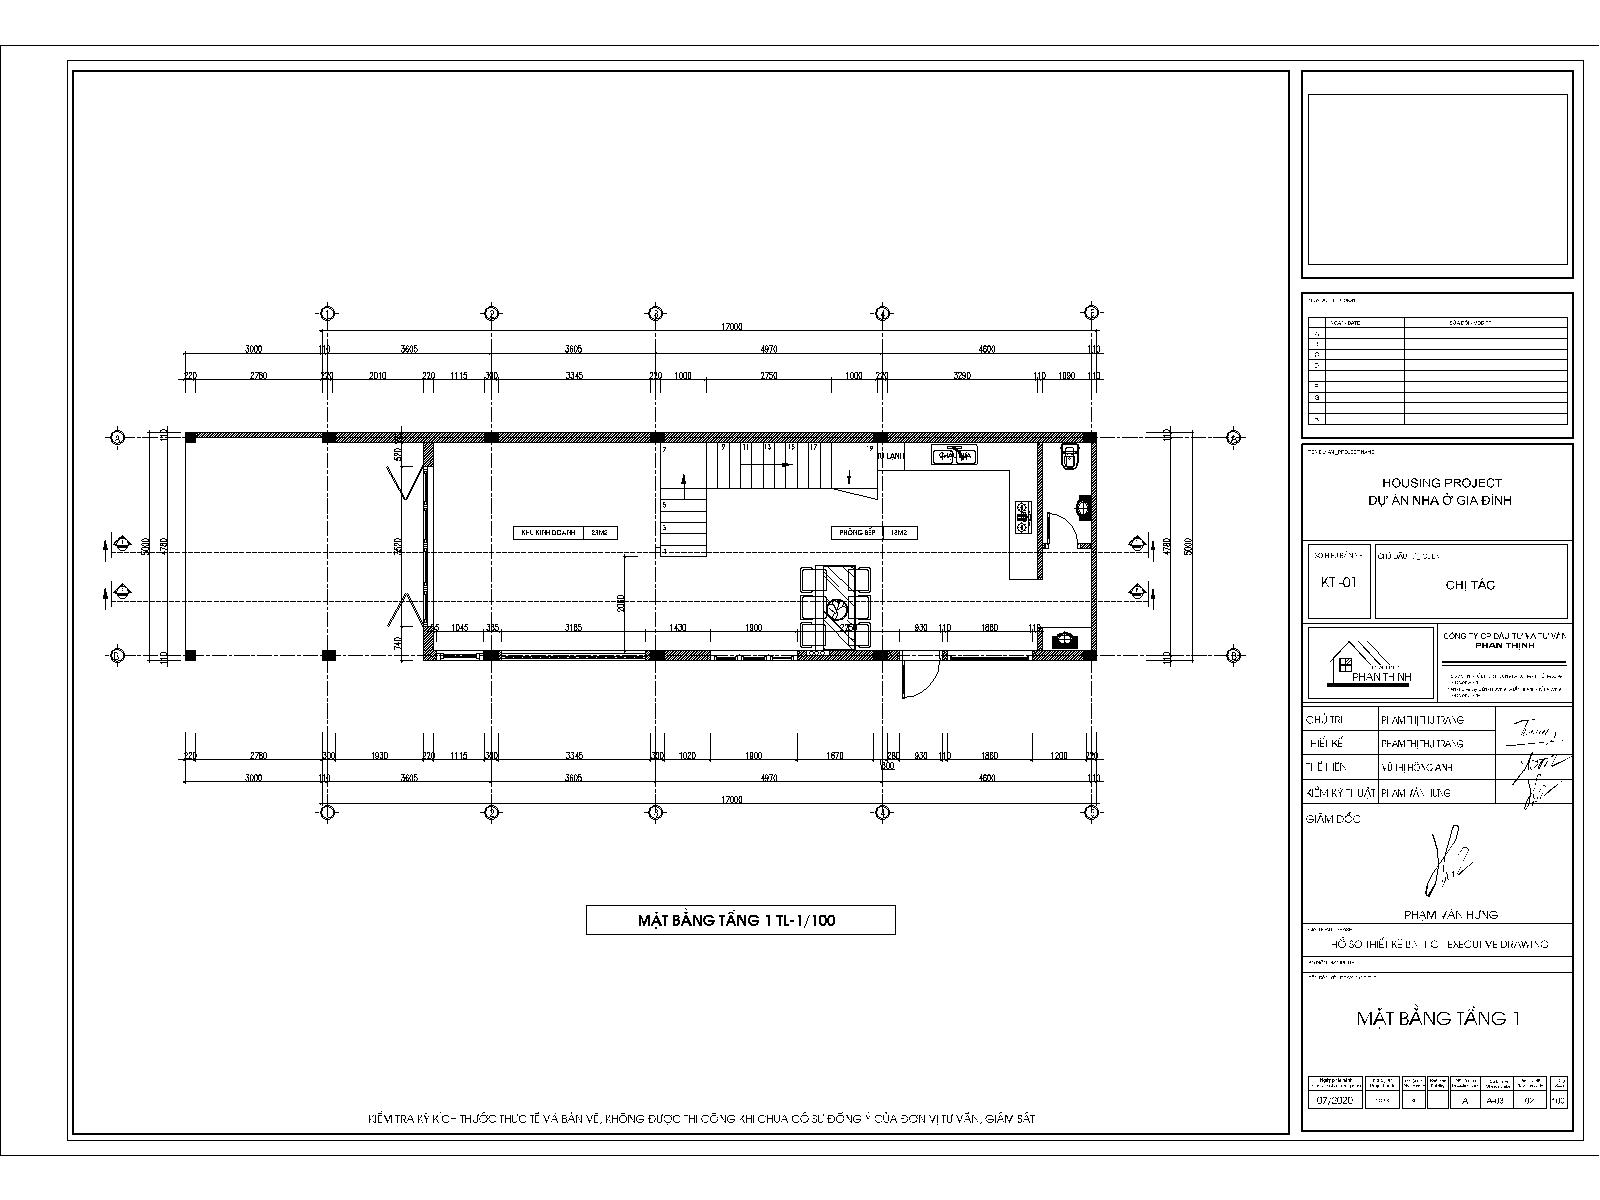 Mặt bằng tầng 1 - Mẫu nhà phố 3 tầng 2 mặt tiền